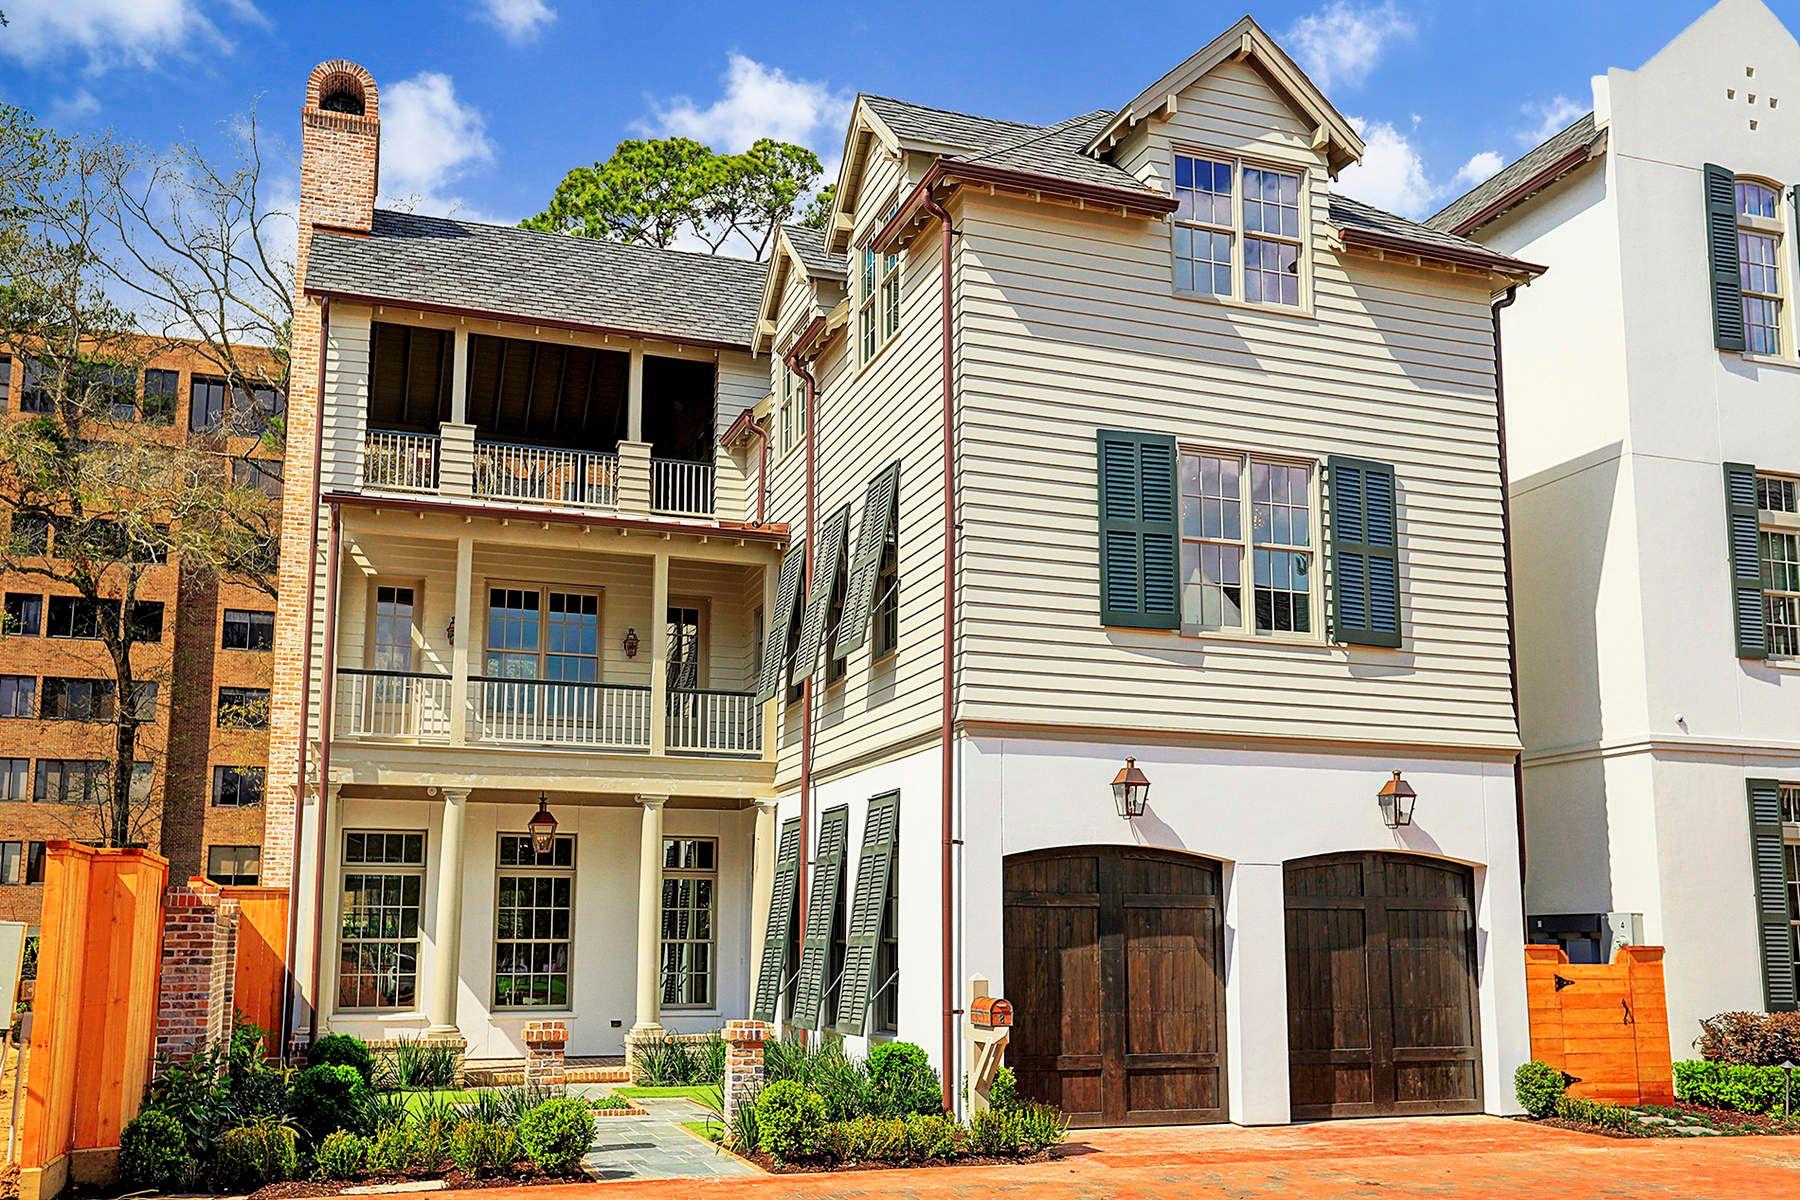 独户住宅 为 销售 在 20 Audubon Hollow Lane 休斯顿, 得克萨斯州, 77027 美国